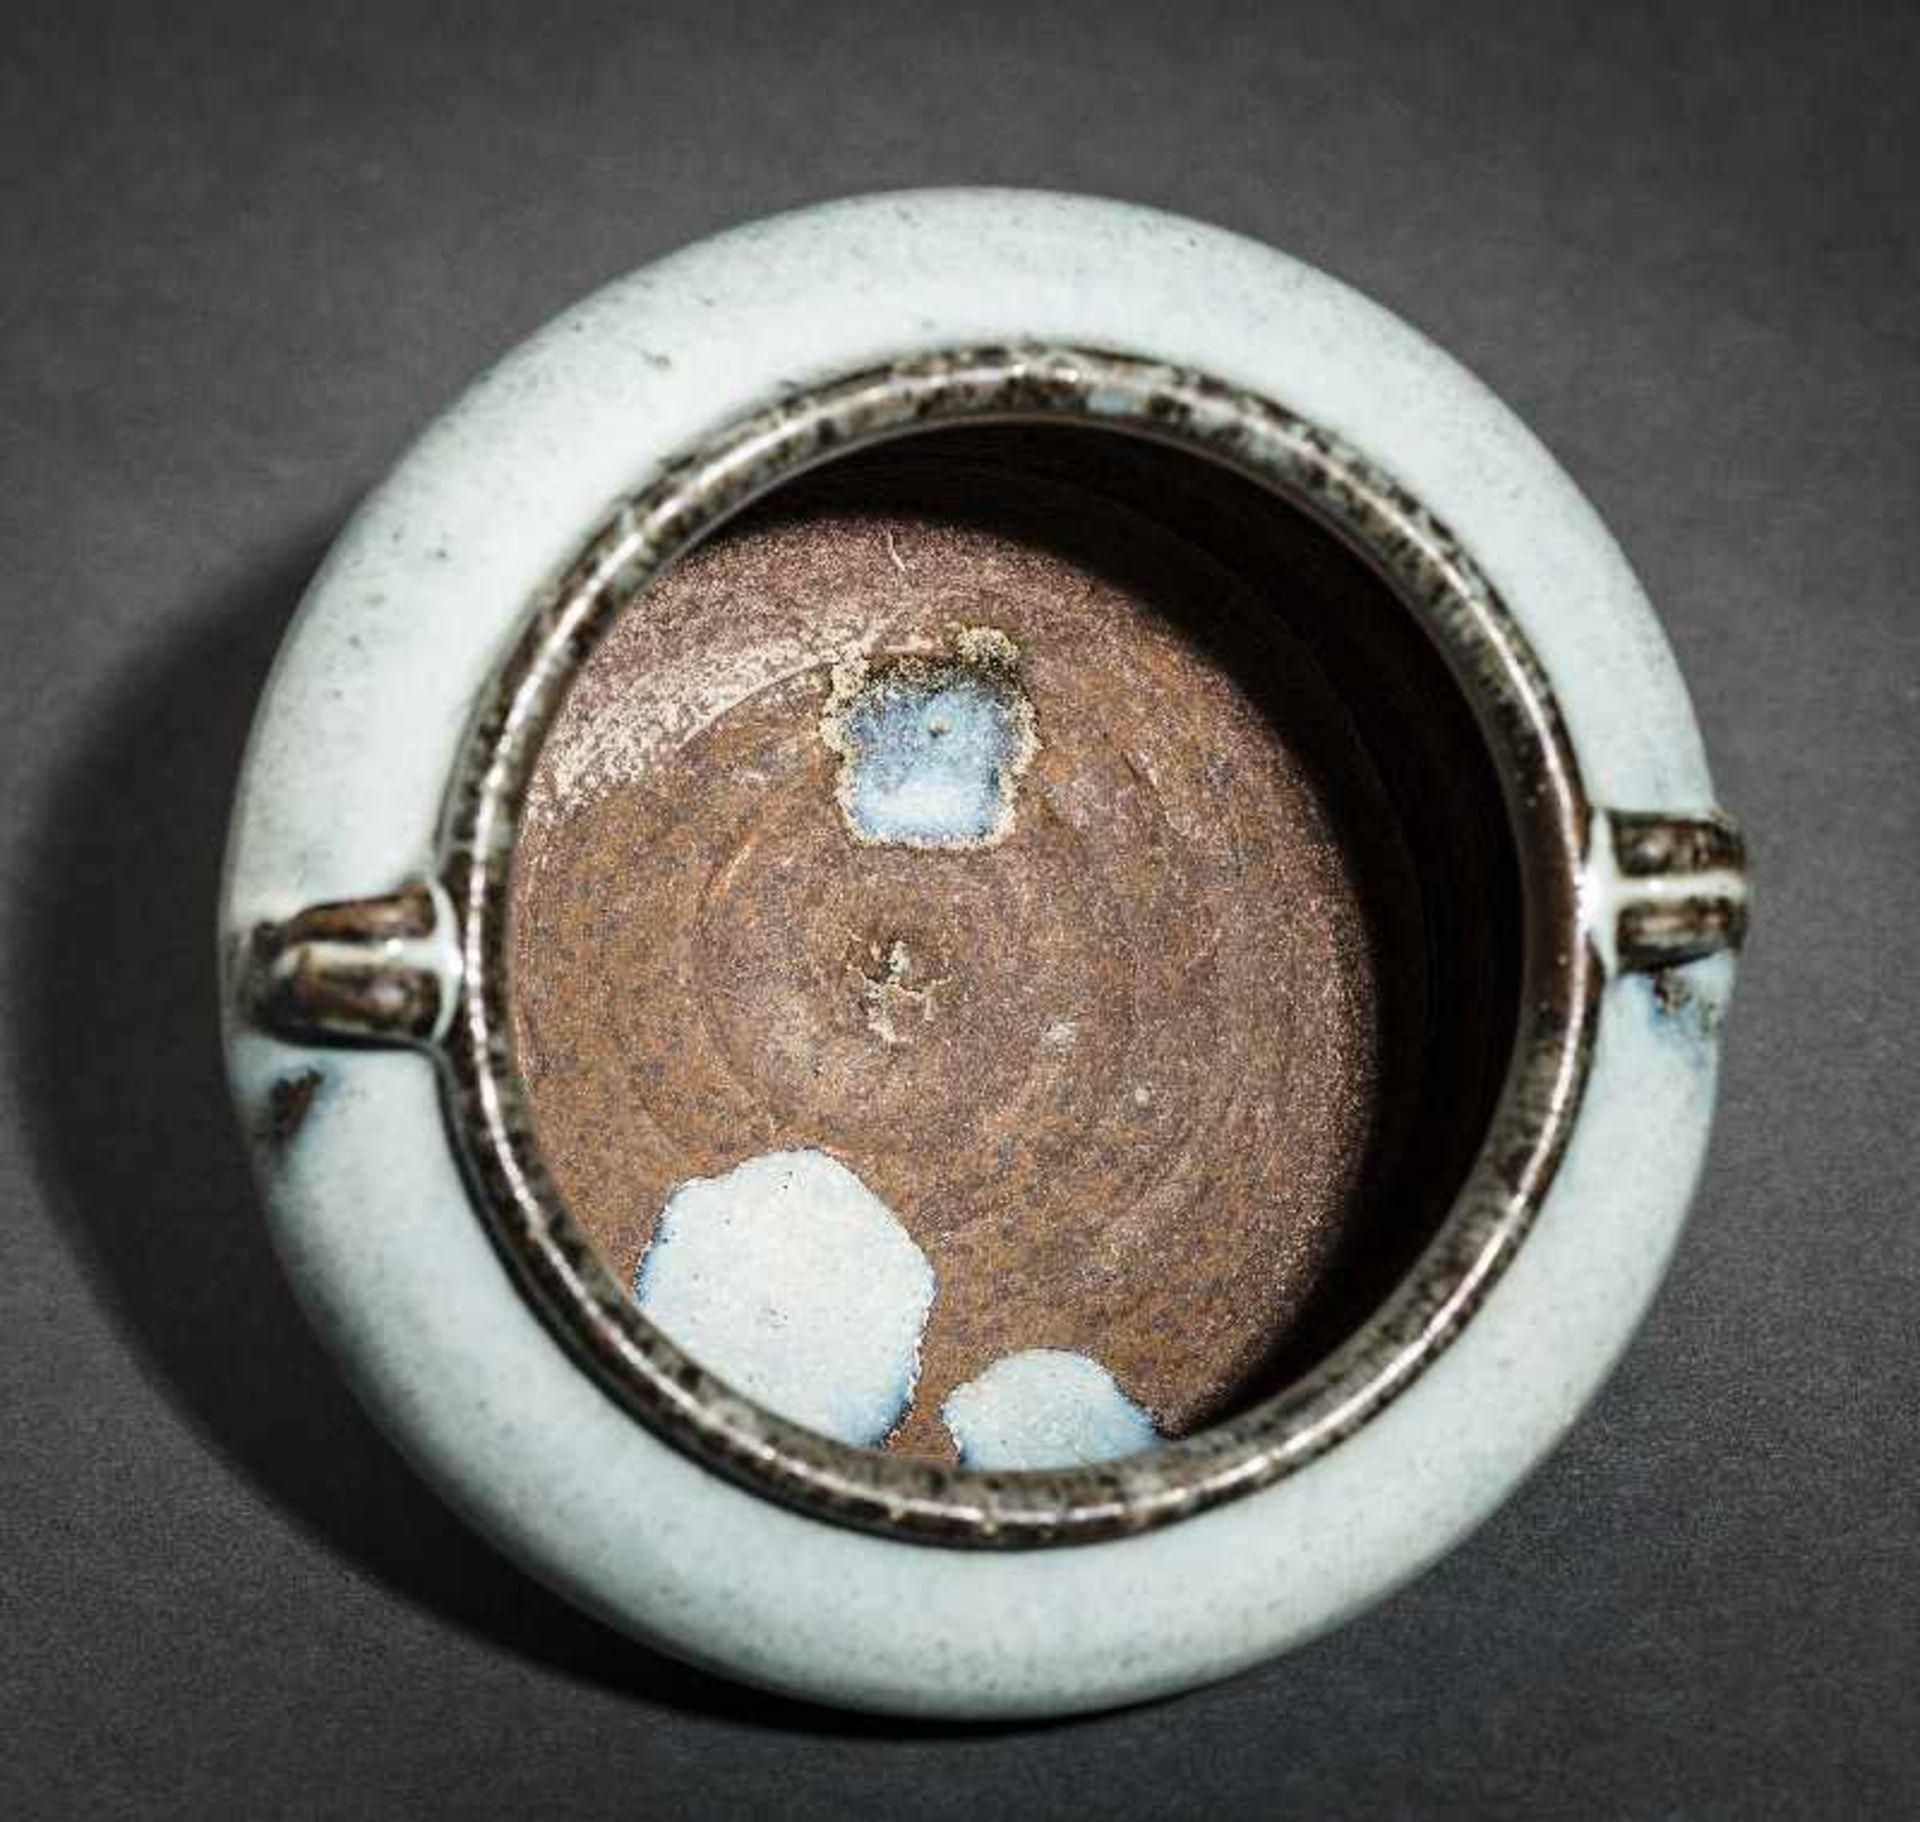 SCHULTERTOPF JUNYAO Glasierte Keramik. China, Yuan bis Ming, ca. 14. bis 15. Jh. Sehr - Image 8 of 8